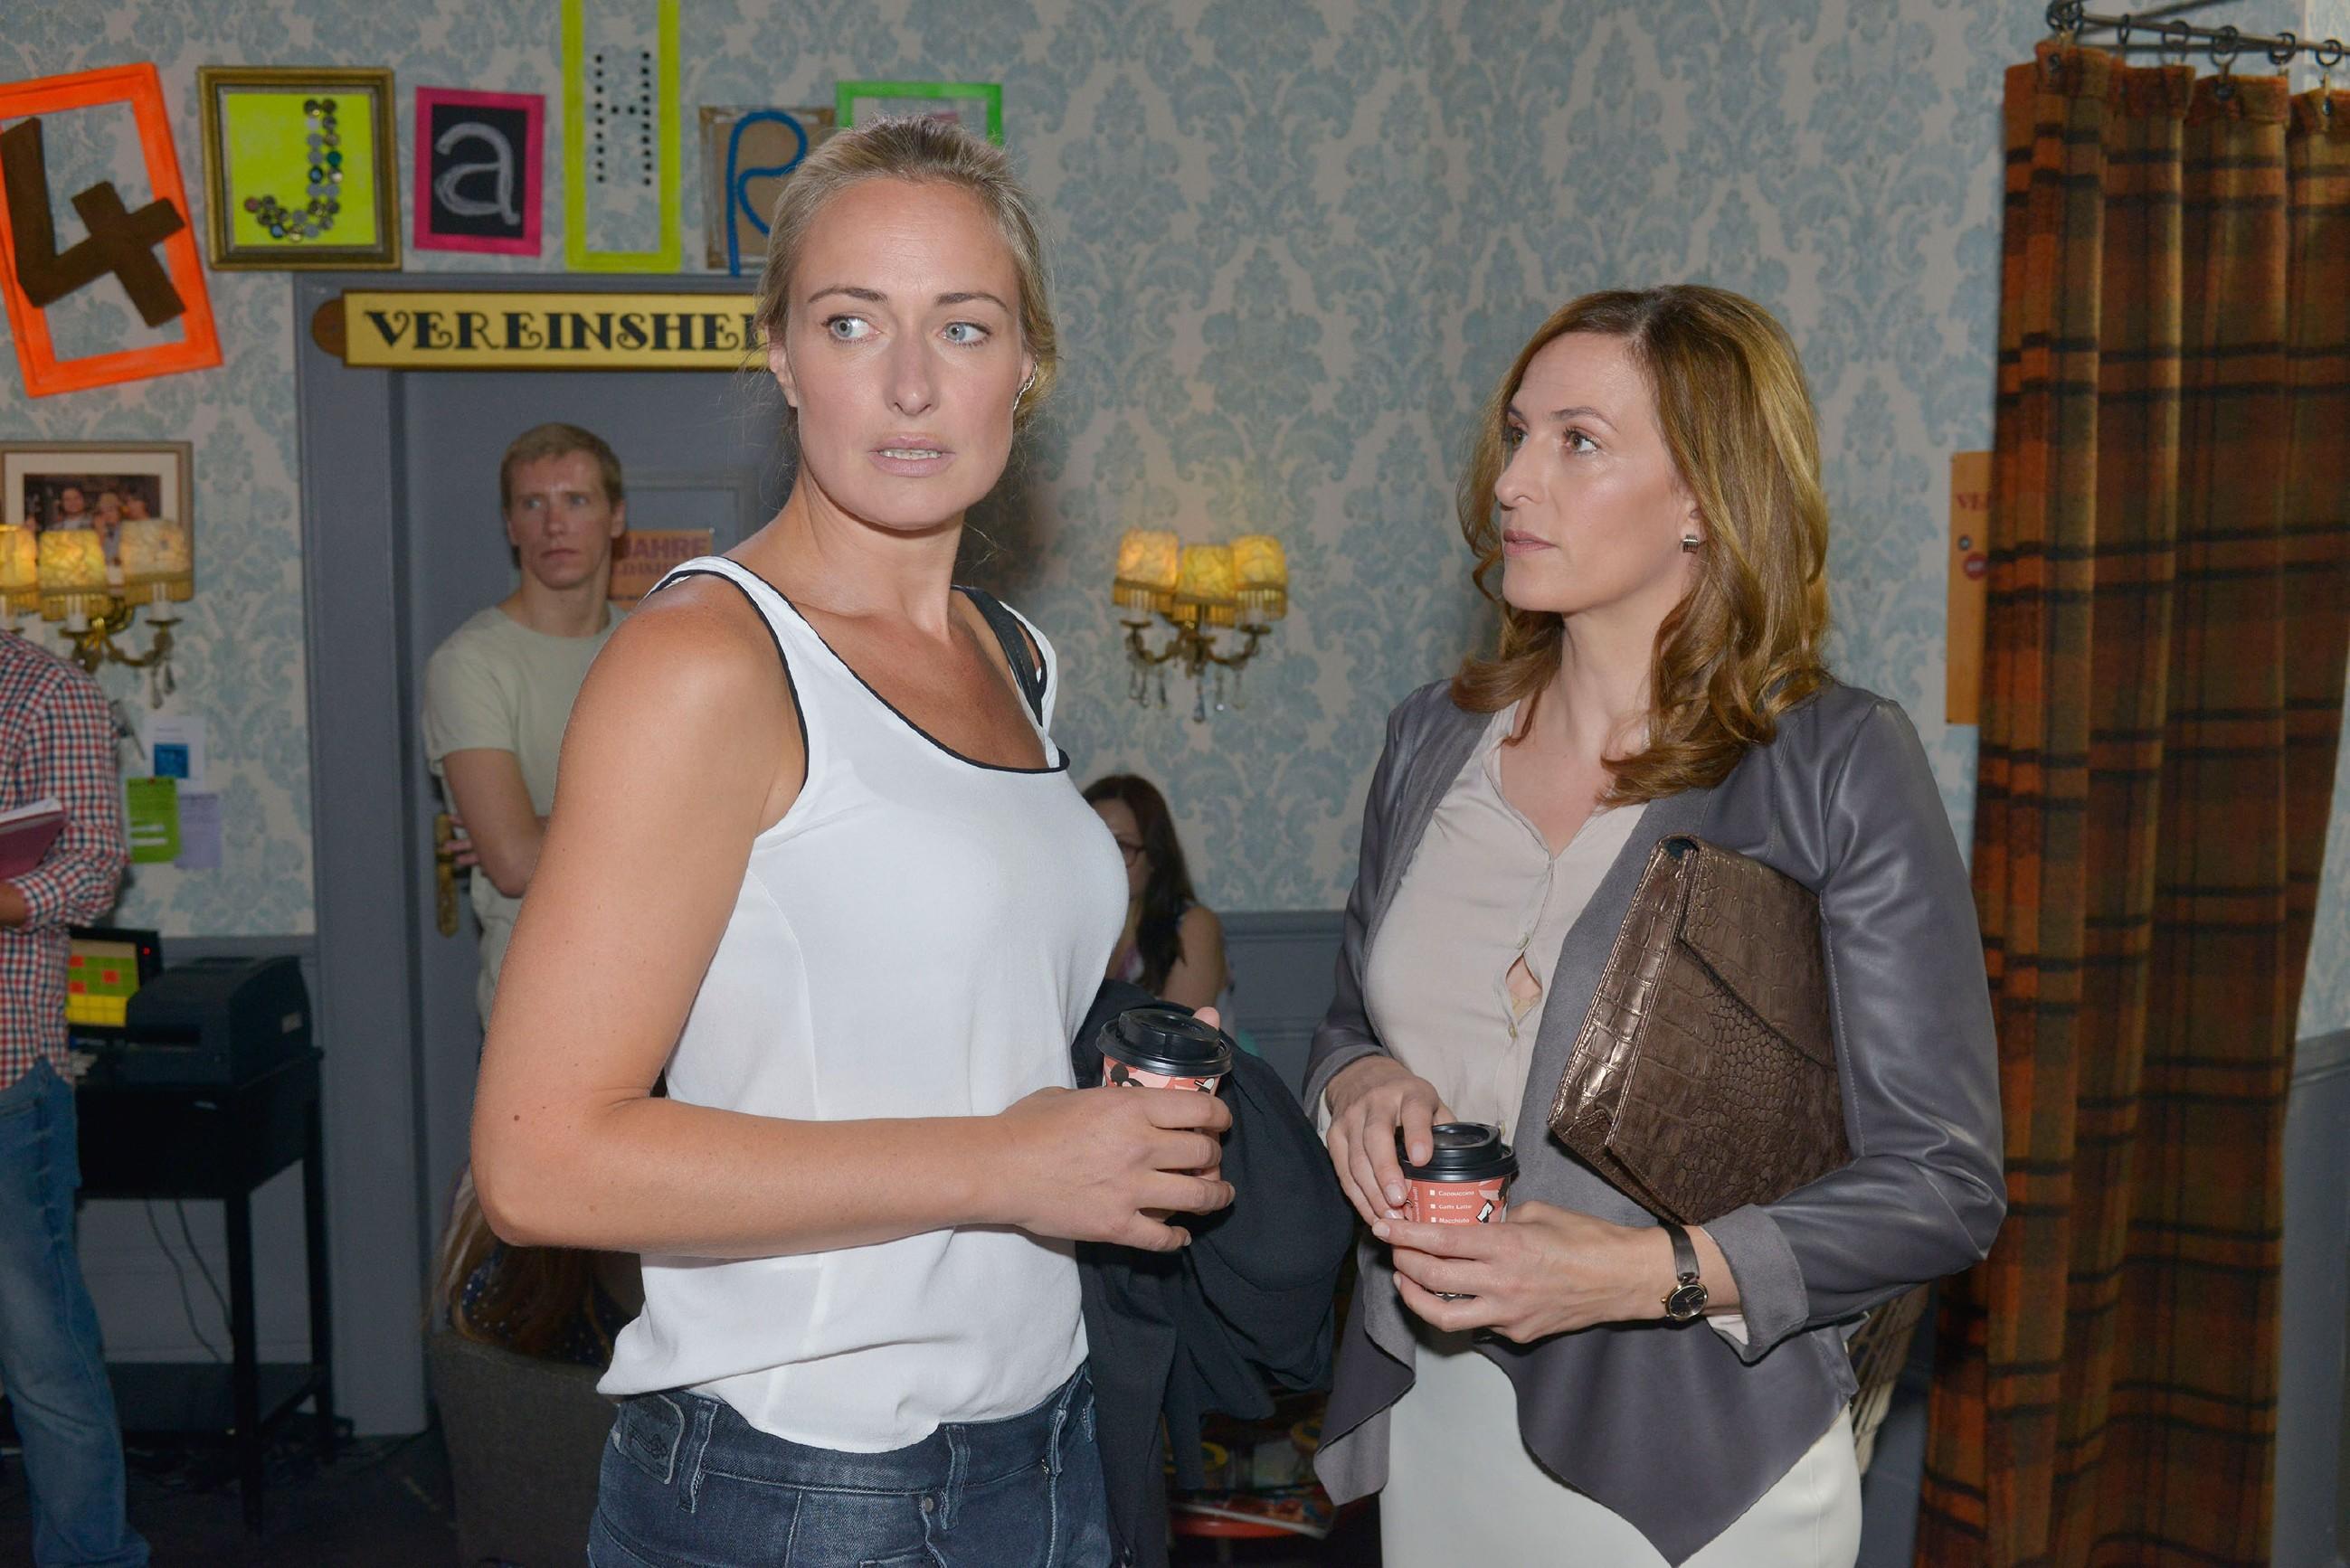 Katrin (Ulrike Frank, r.) glaubt, dass Maren (Eva Mona Rodekirchen) immer noch nicht mit Alexander abgeschlossen hat. (Quelle: © RTL / Rolf Baumgartner)